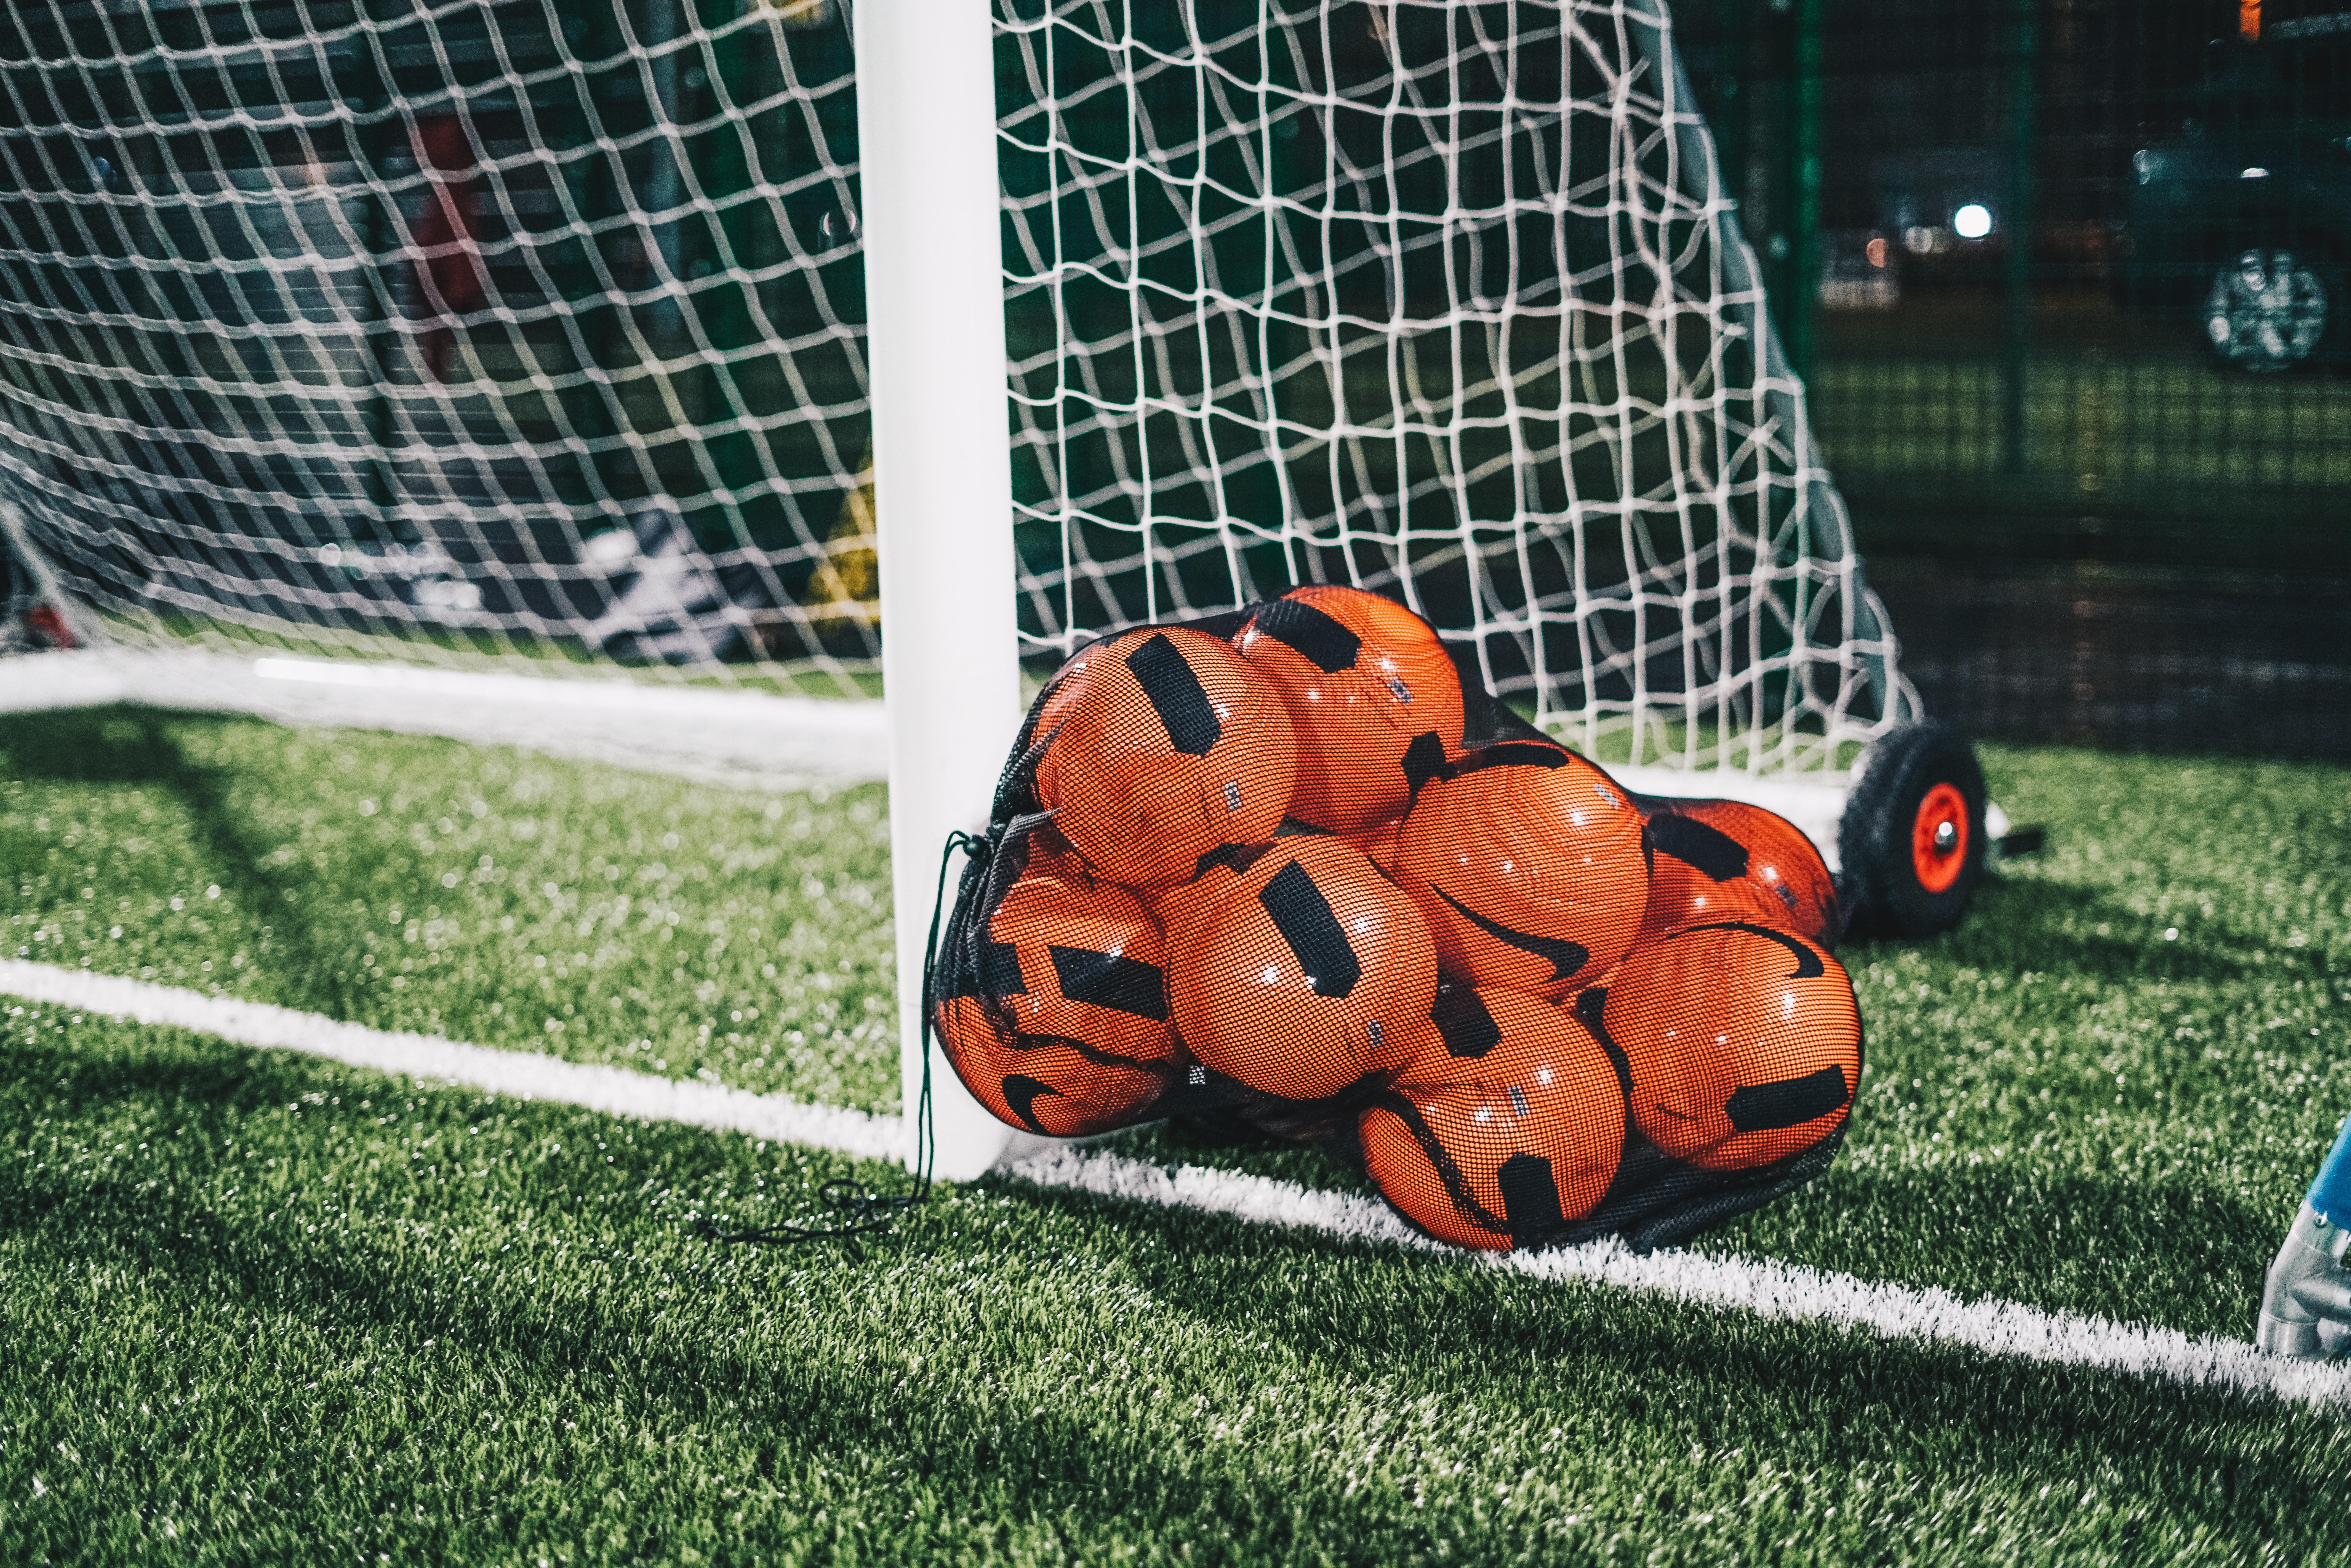 Comment créer son club de foot en partant de zéro ?